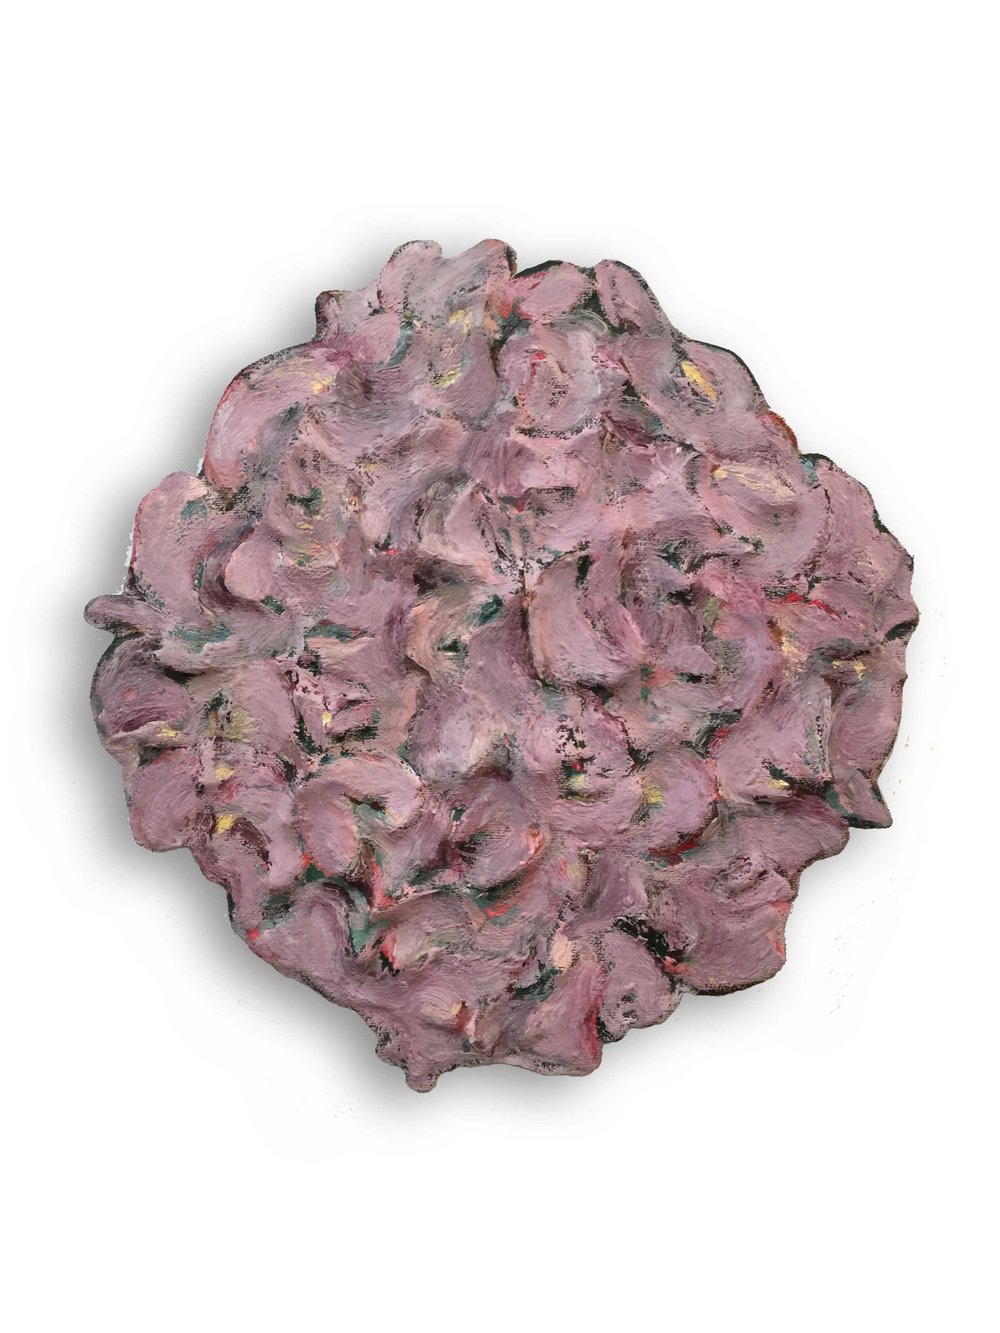 Botanical (Crepe Myrtle)